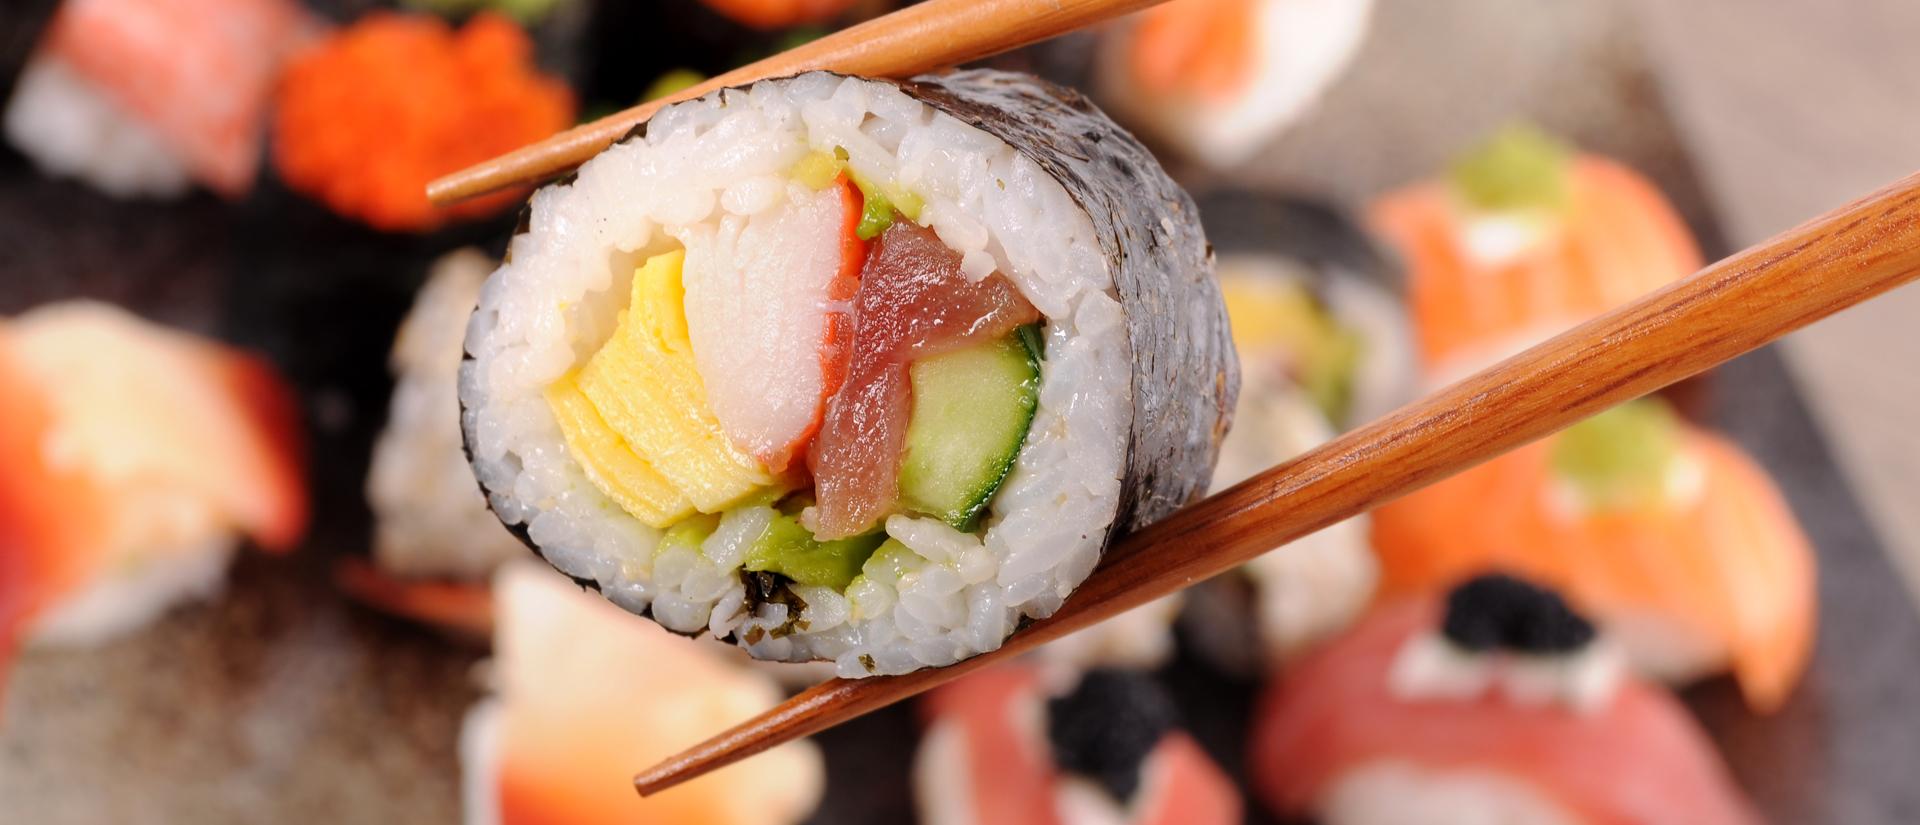 ¿Dónde encuentro los mejores productos para sushi?